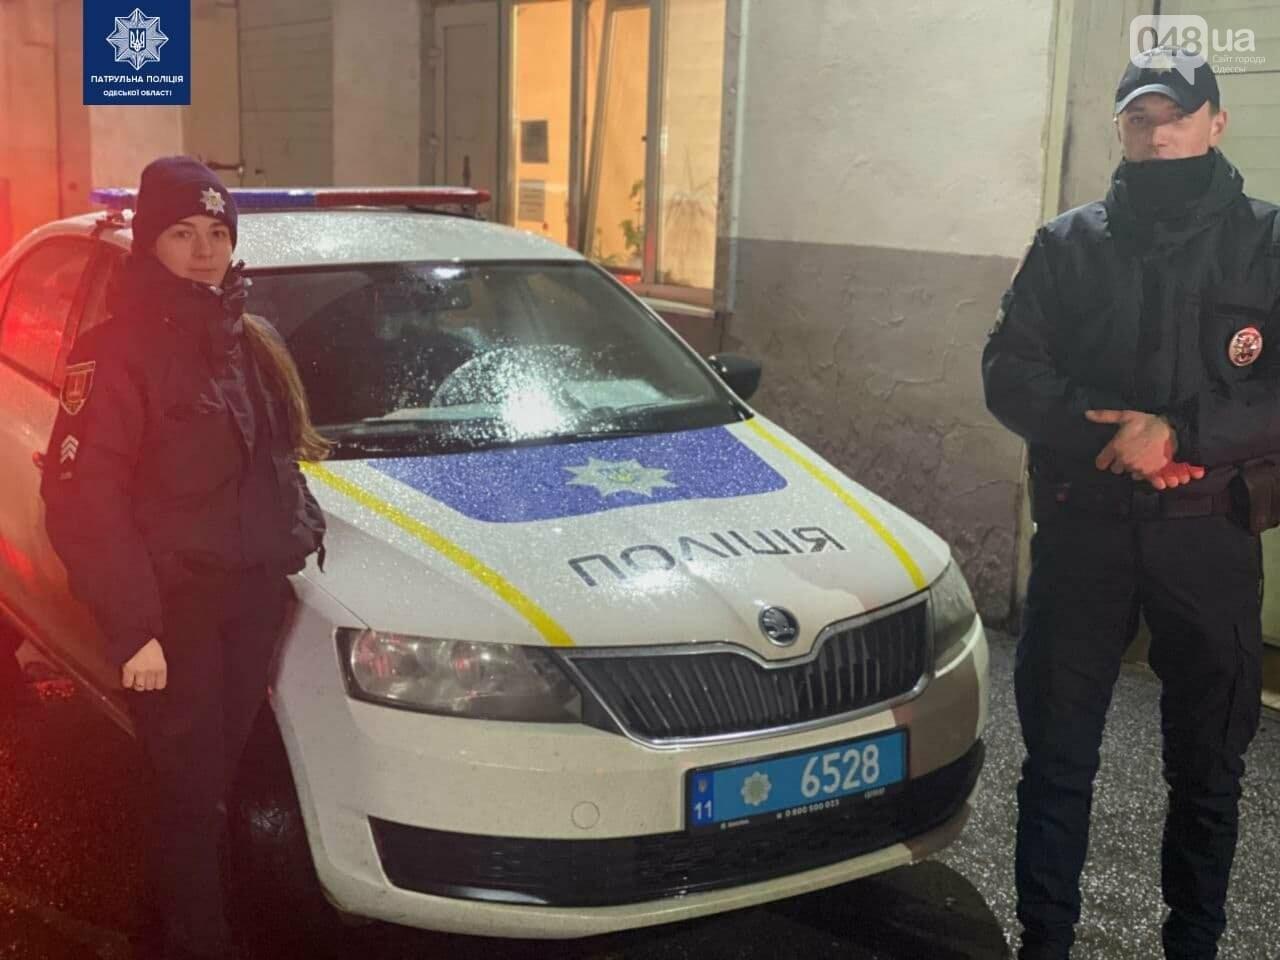 Одесские патрульные со спецсигналами сопроводили автомобиль с больным ребёнком, - ФОТО, фото-1